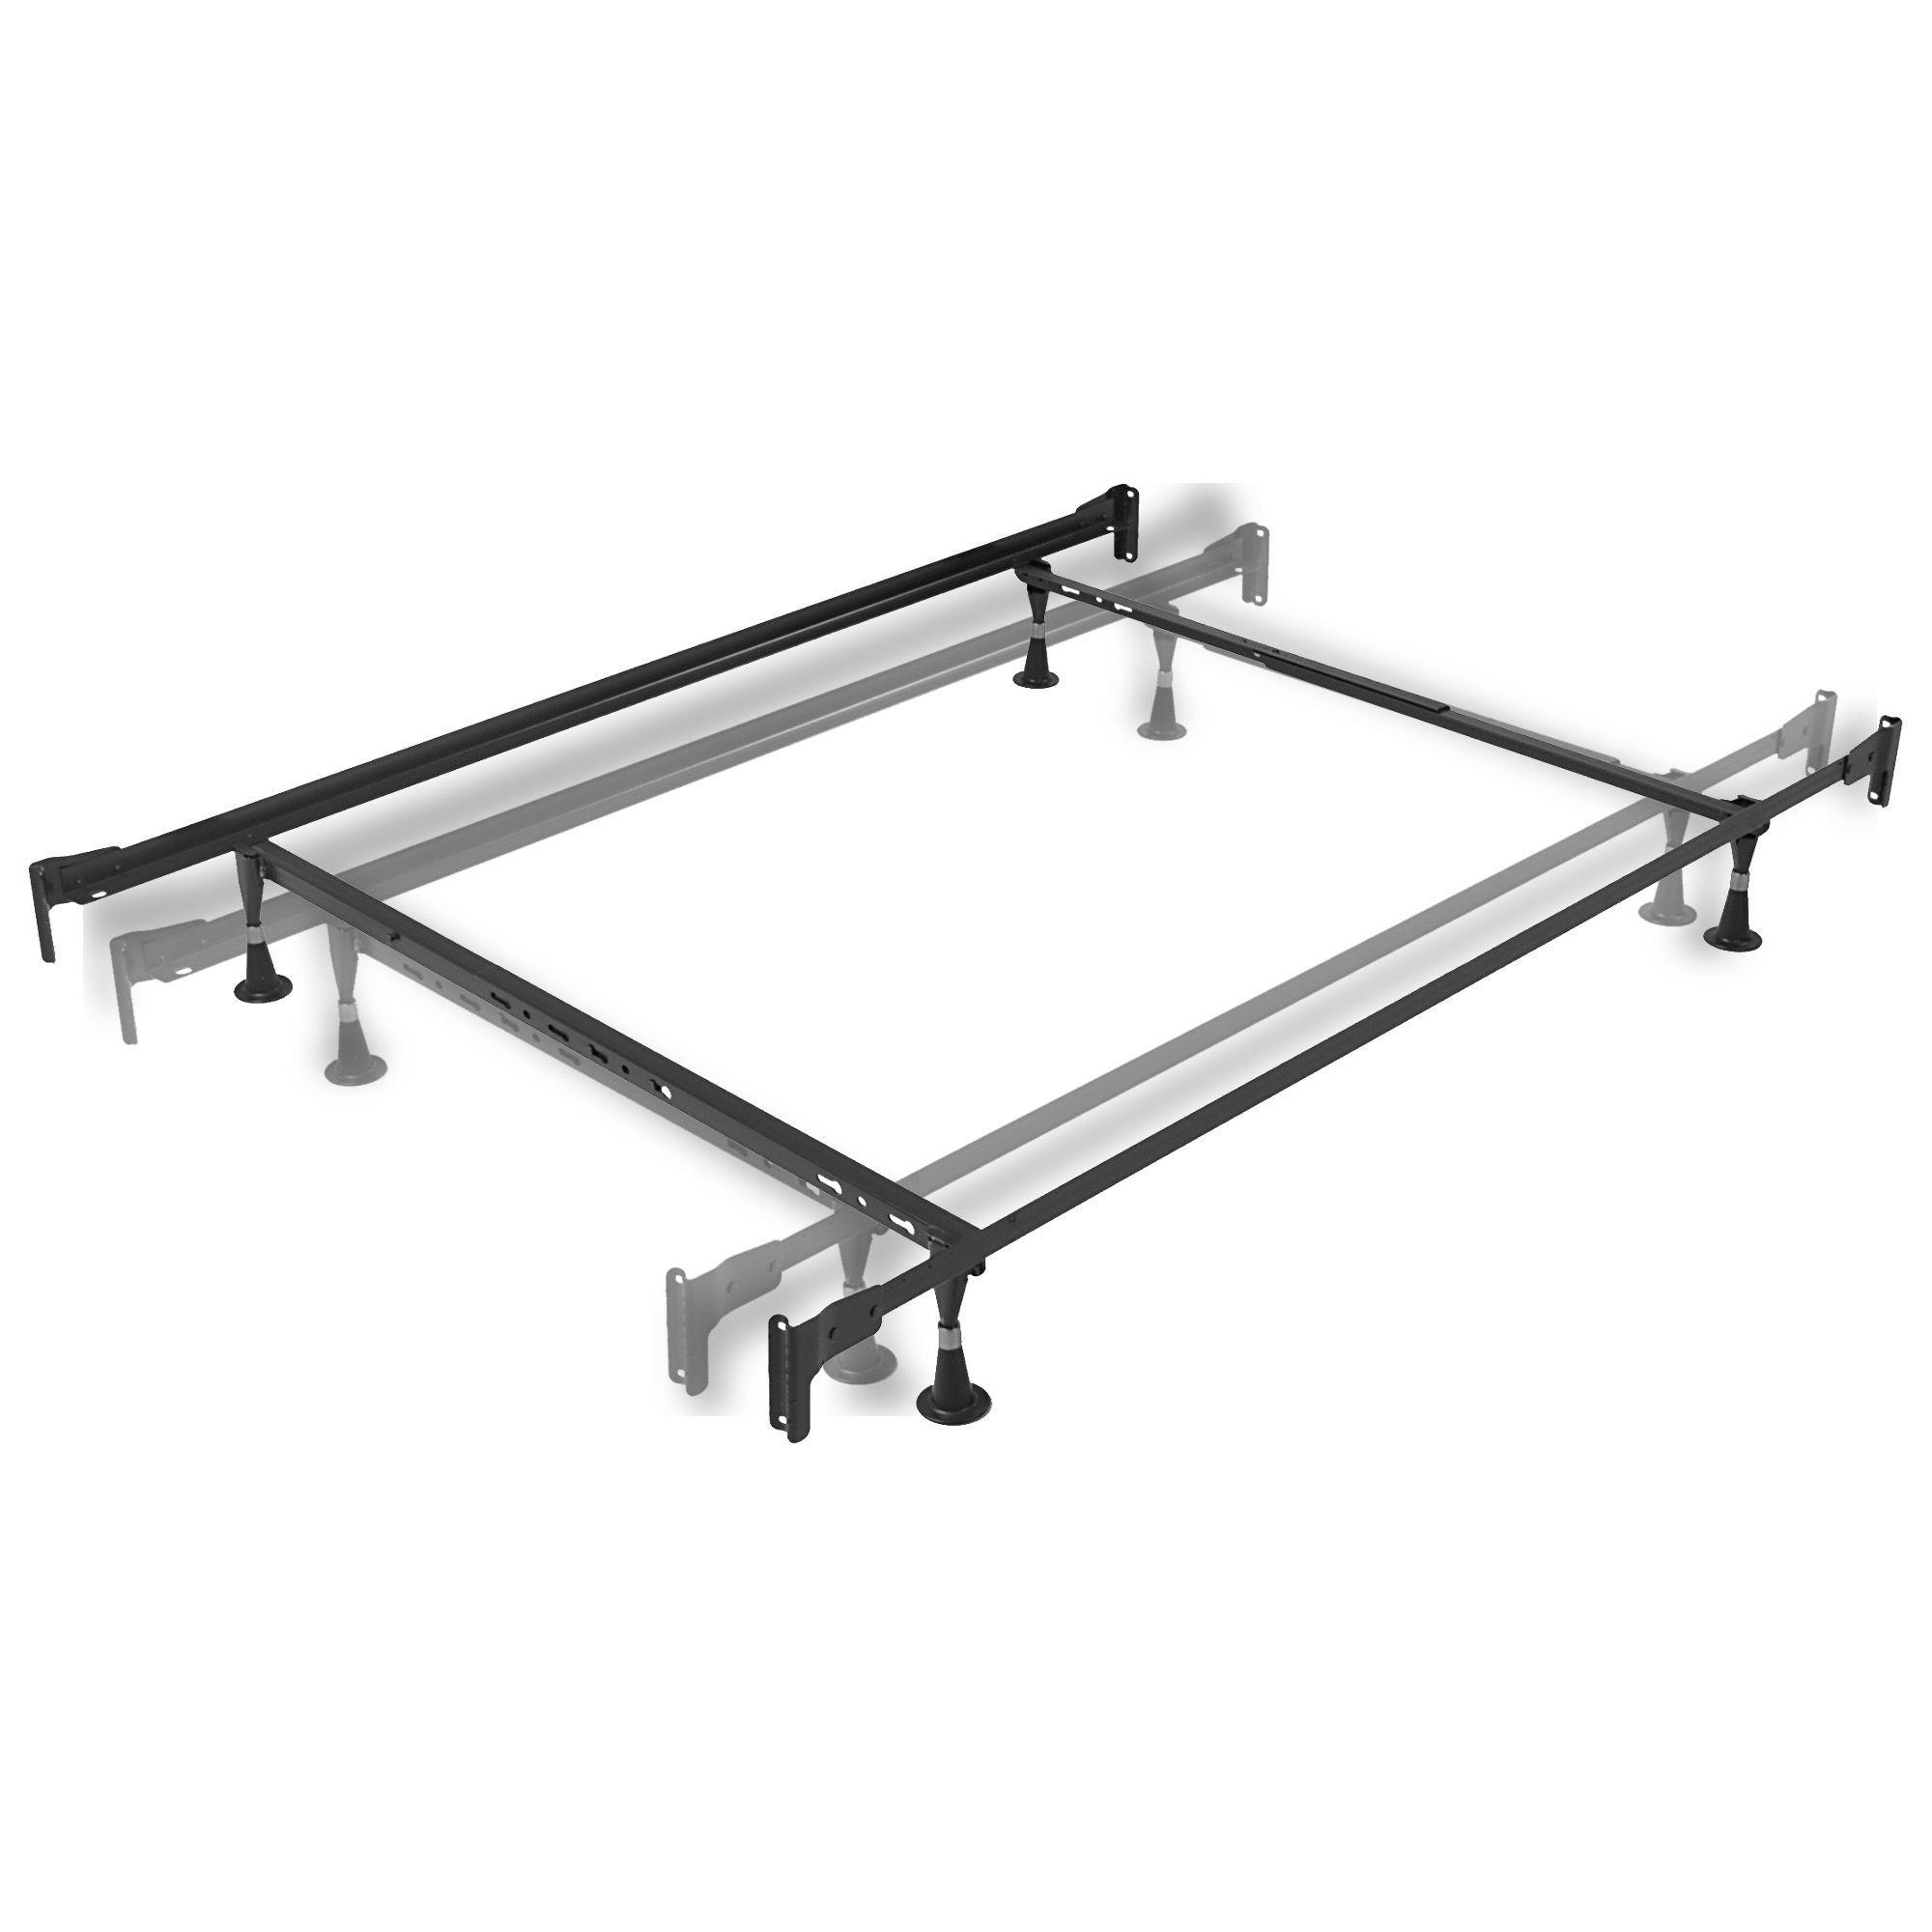 Leggett & Platt Engineered Bed Frame PL860/RB with